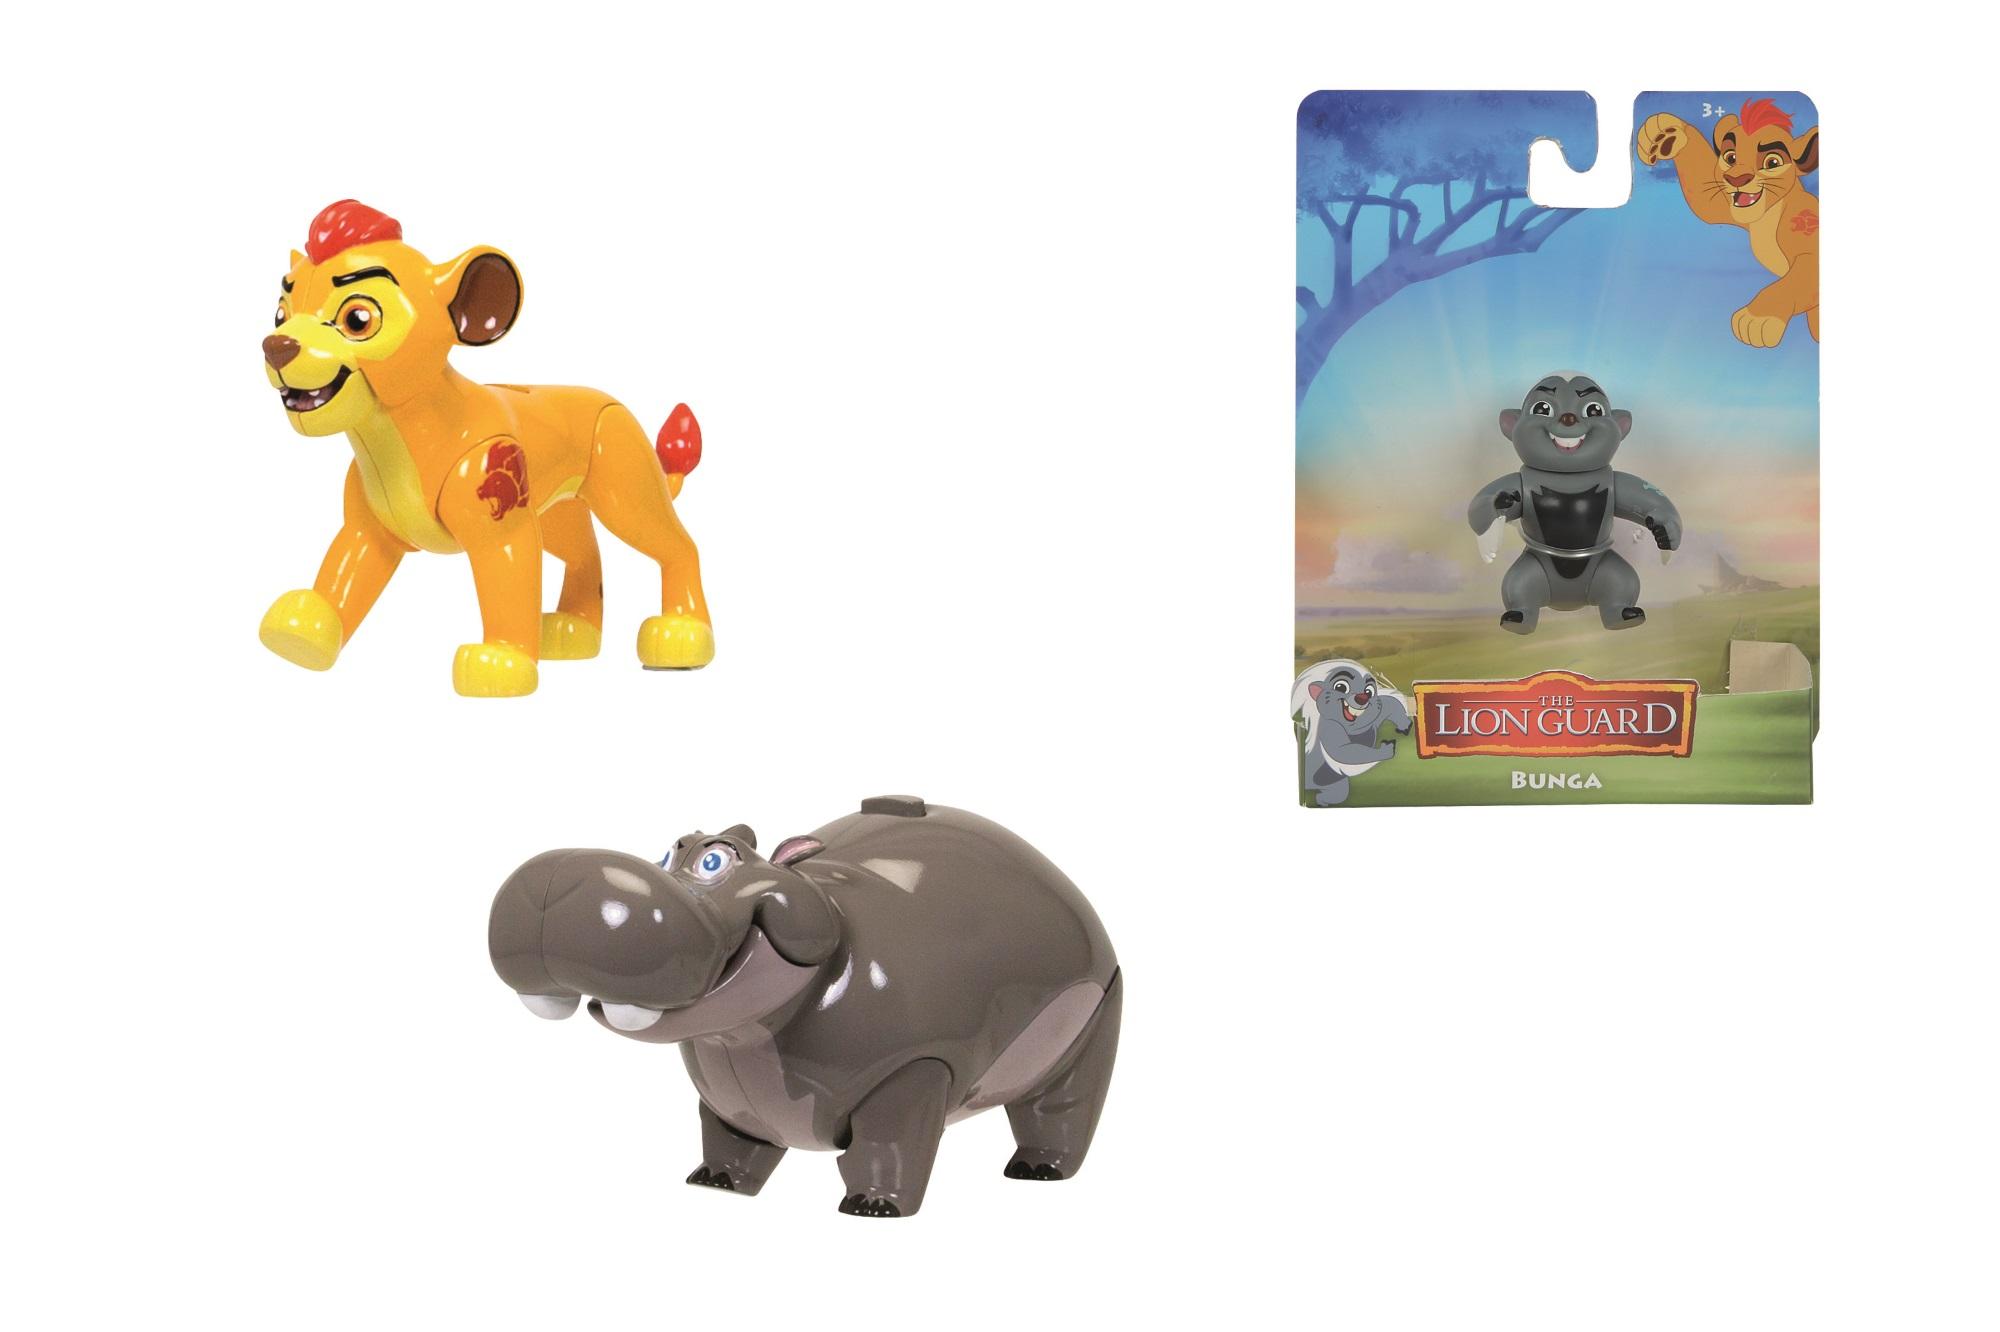 Подвижная фигурка из серии Хранитель Лев, 7-8 см., 3 вида - Король Лев (Хранитель Лев) Lion King, артикул: 152292